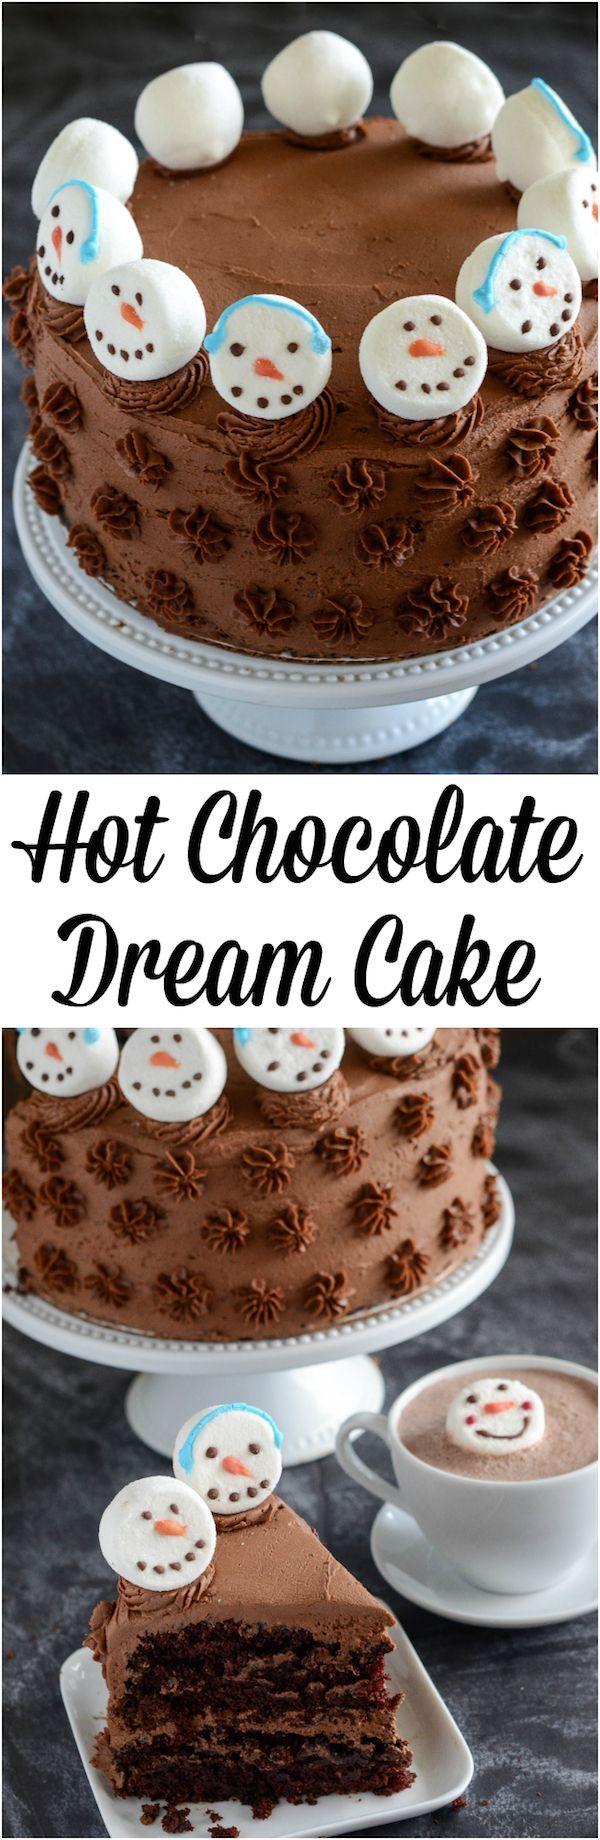 Hot Chocolate Dream Cake